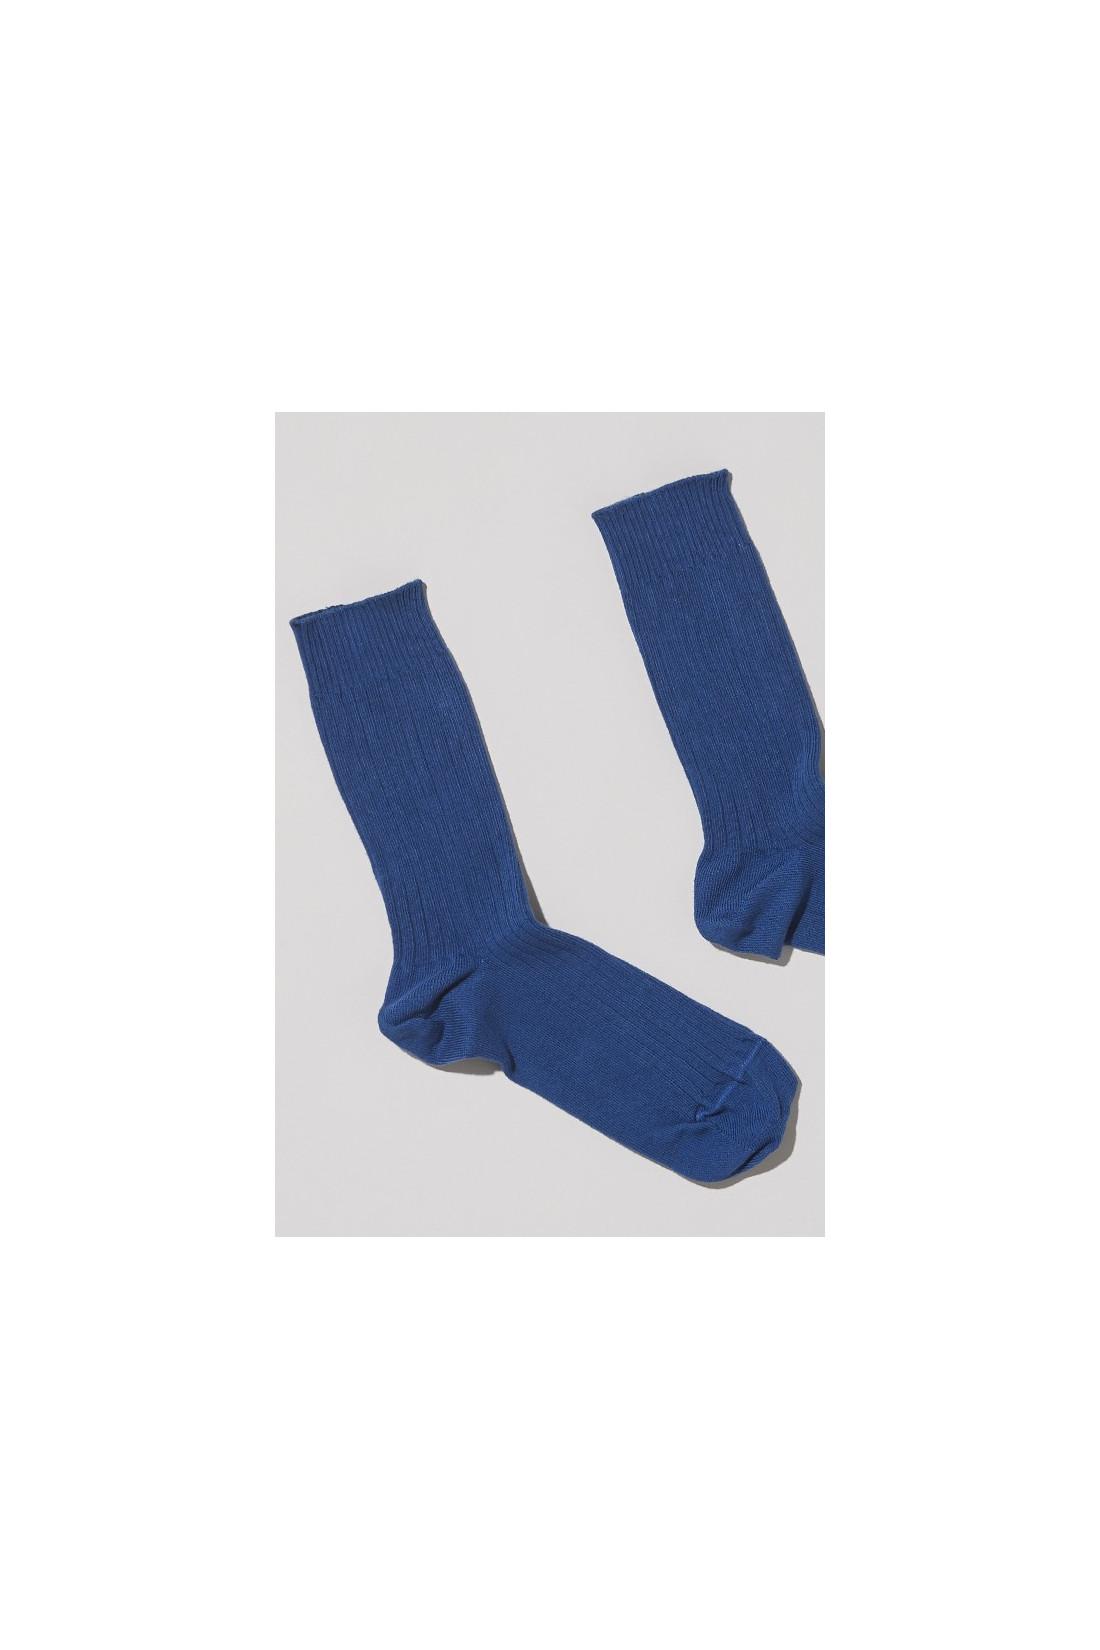 BASERANGE FOR WOMAN / Rib ankle socks Tang blue